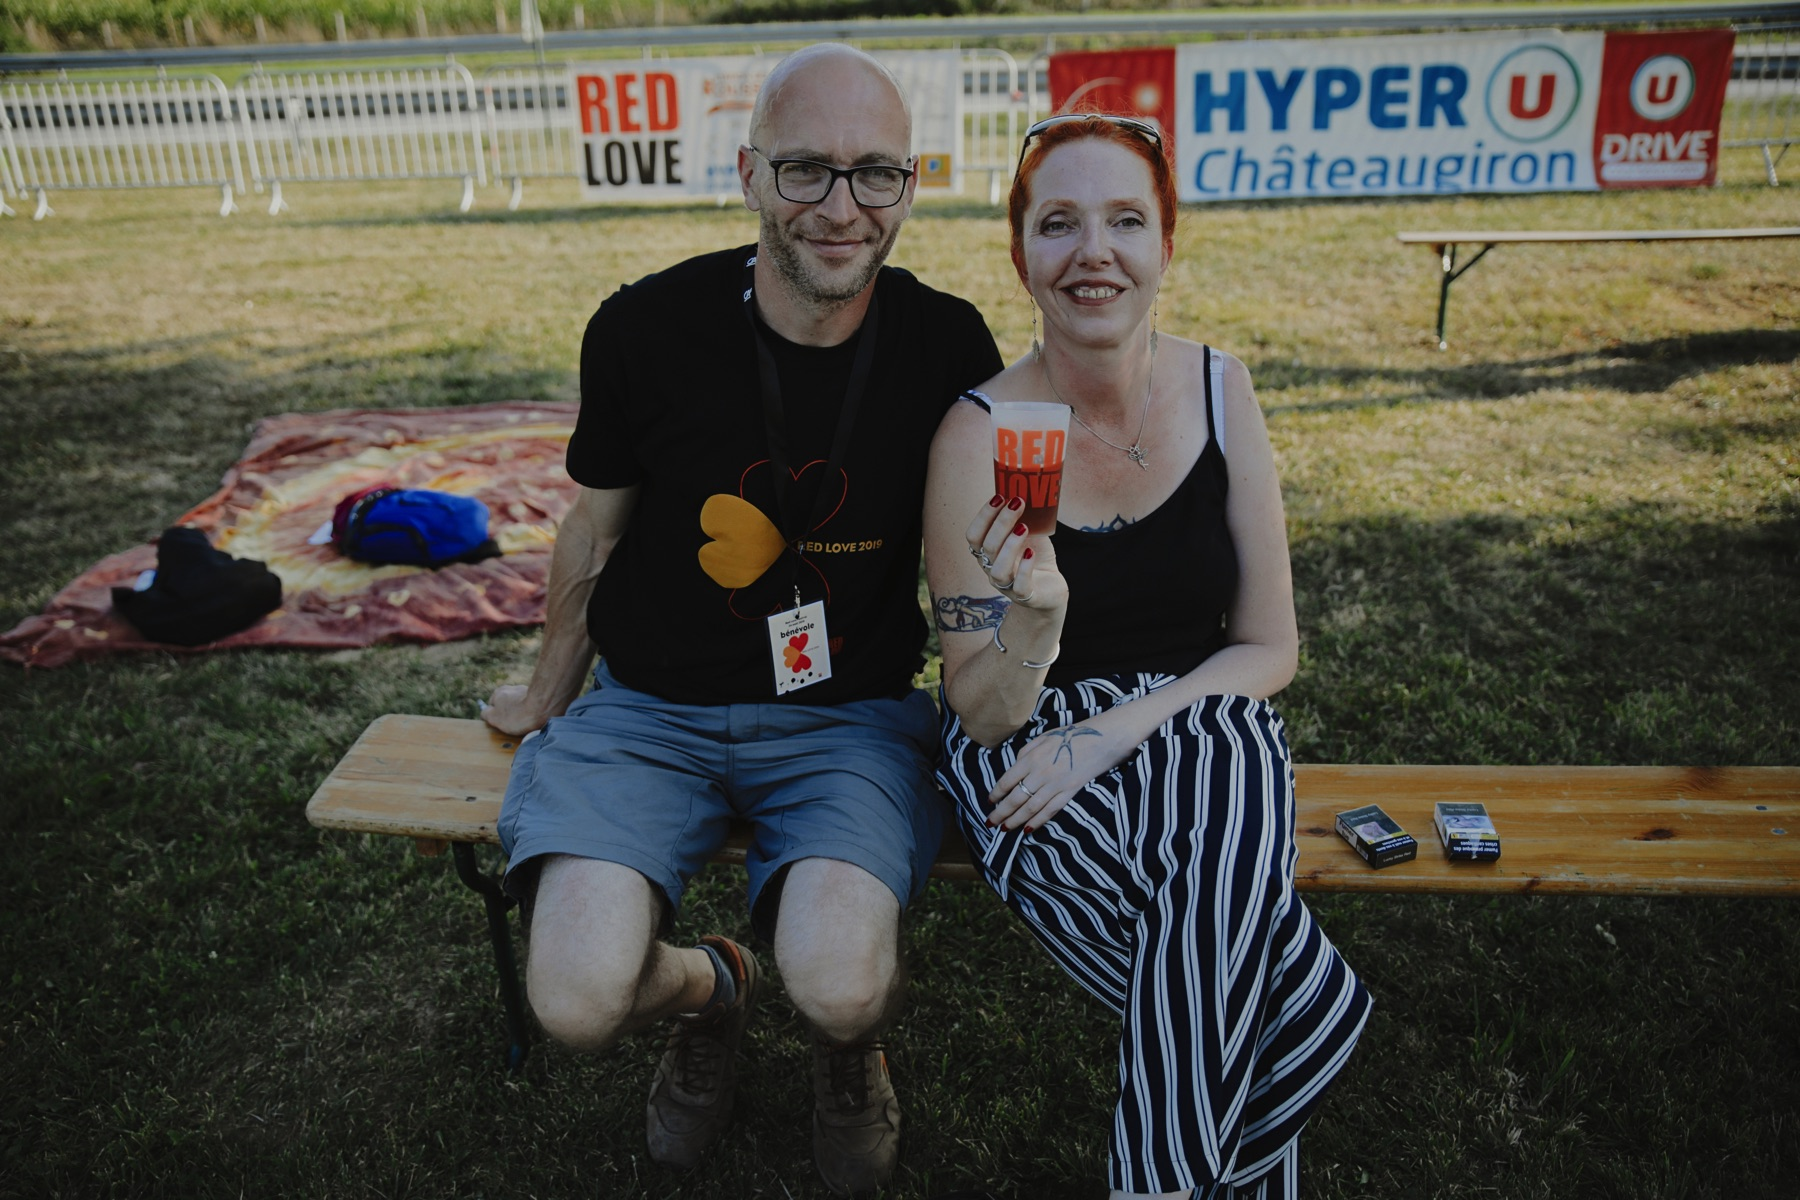 Les gobelets réutilisables Esprit Planète au Red Love Festival